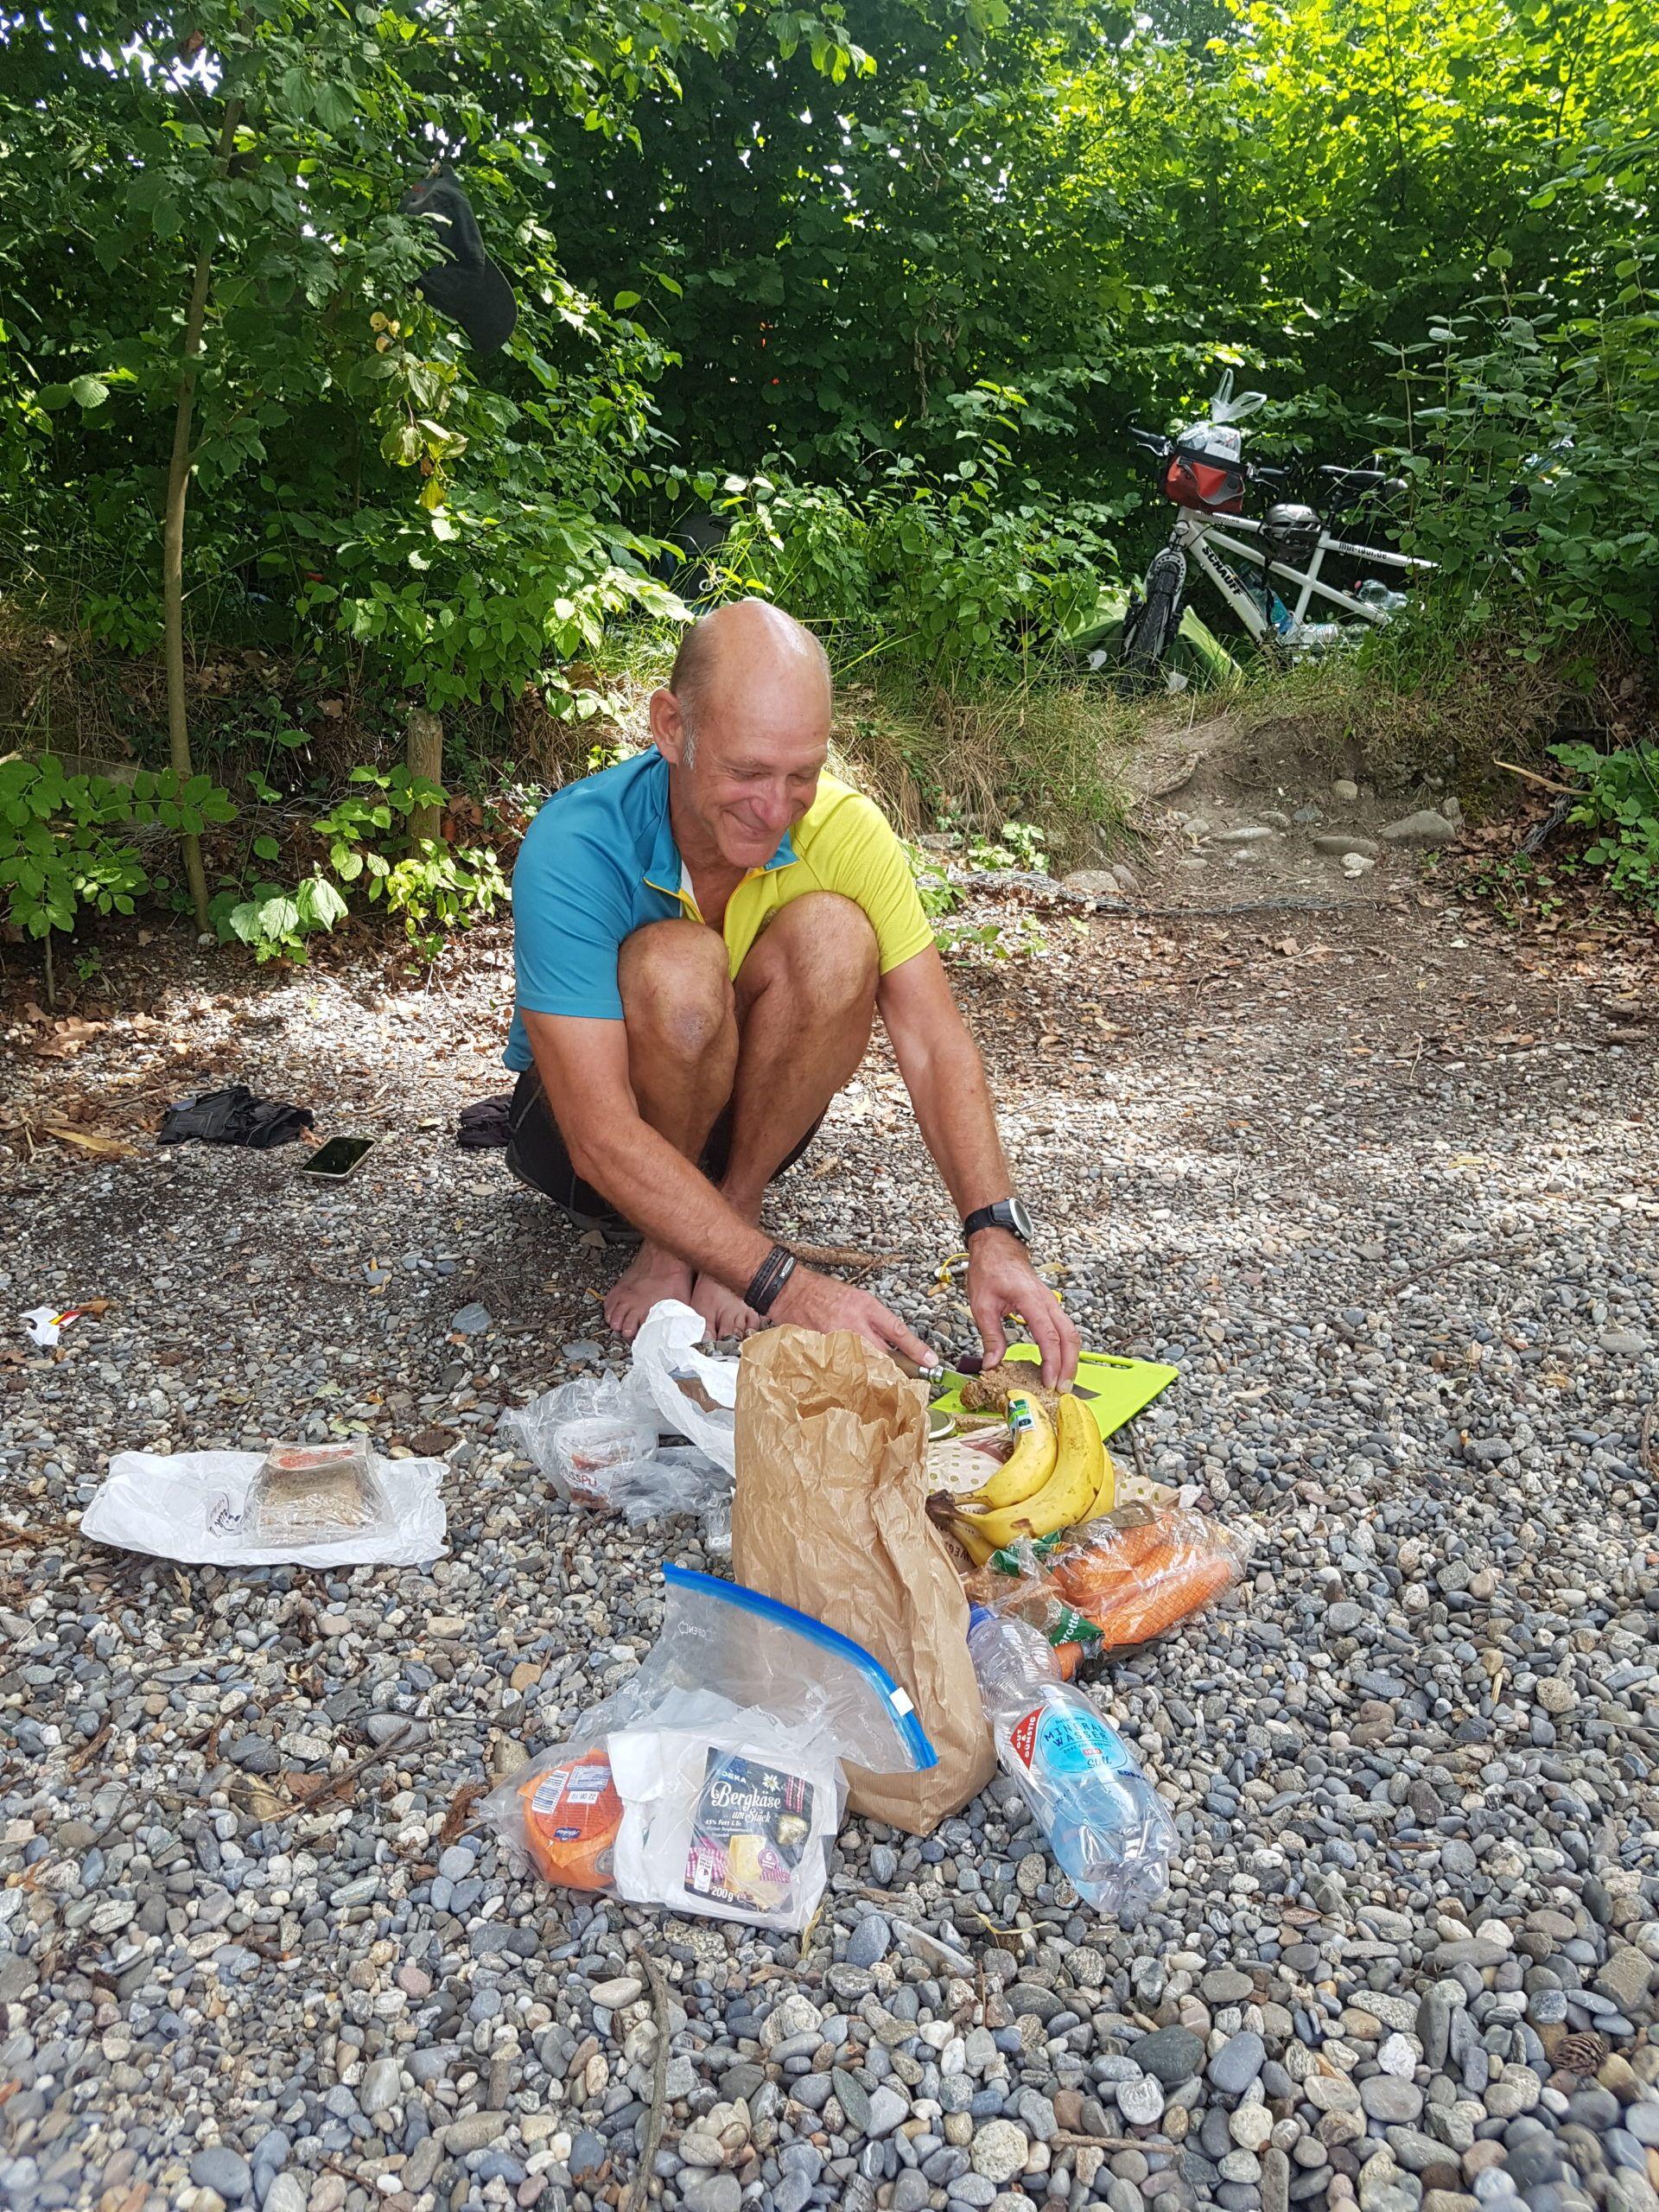 Gespräch mit Jürgen, einem unserer langjährigen Tourleiter aus der Pfalz